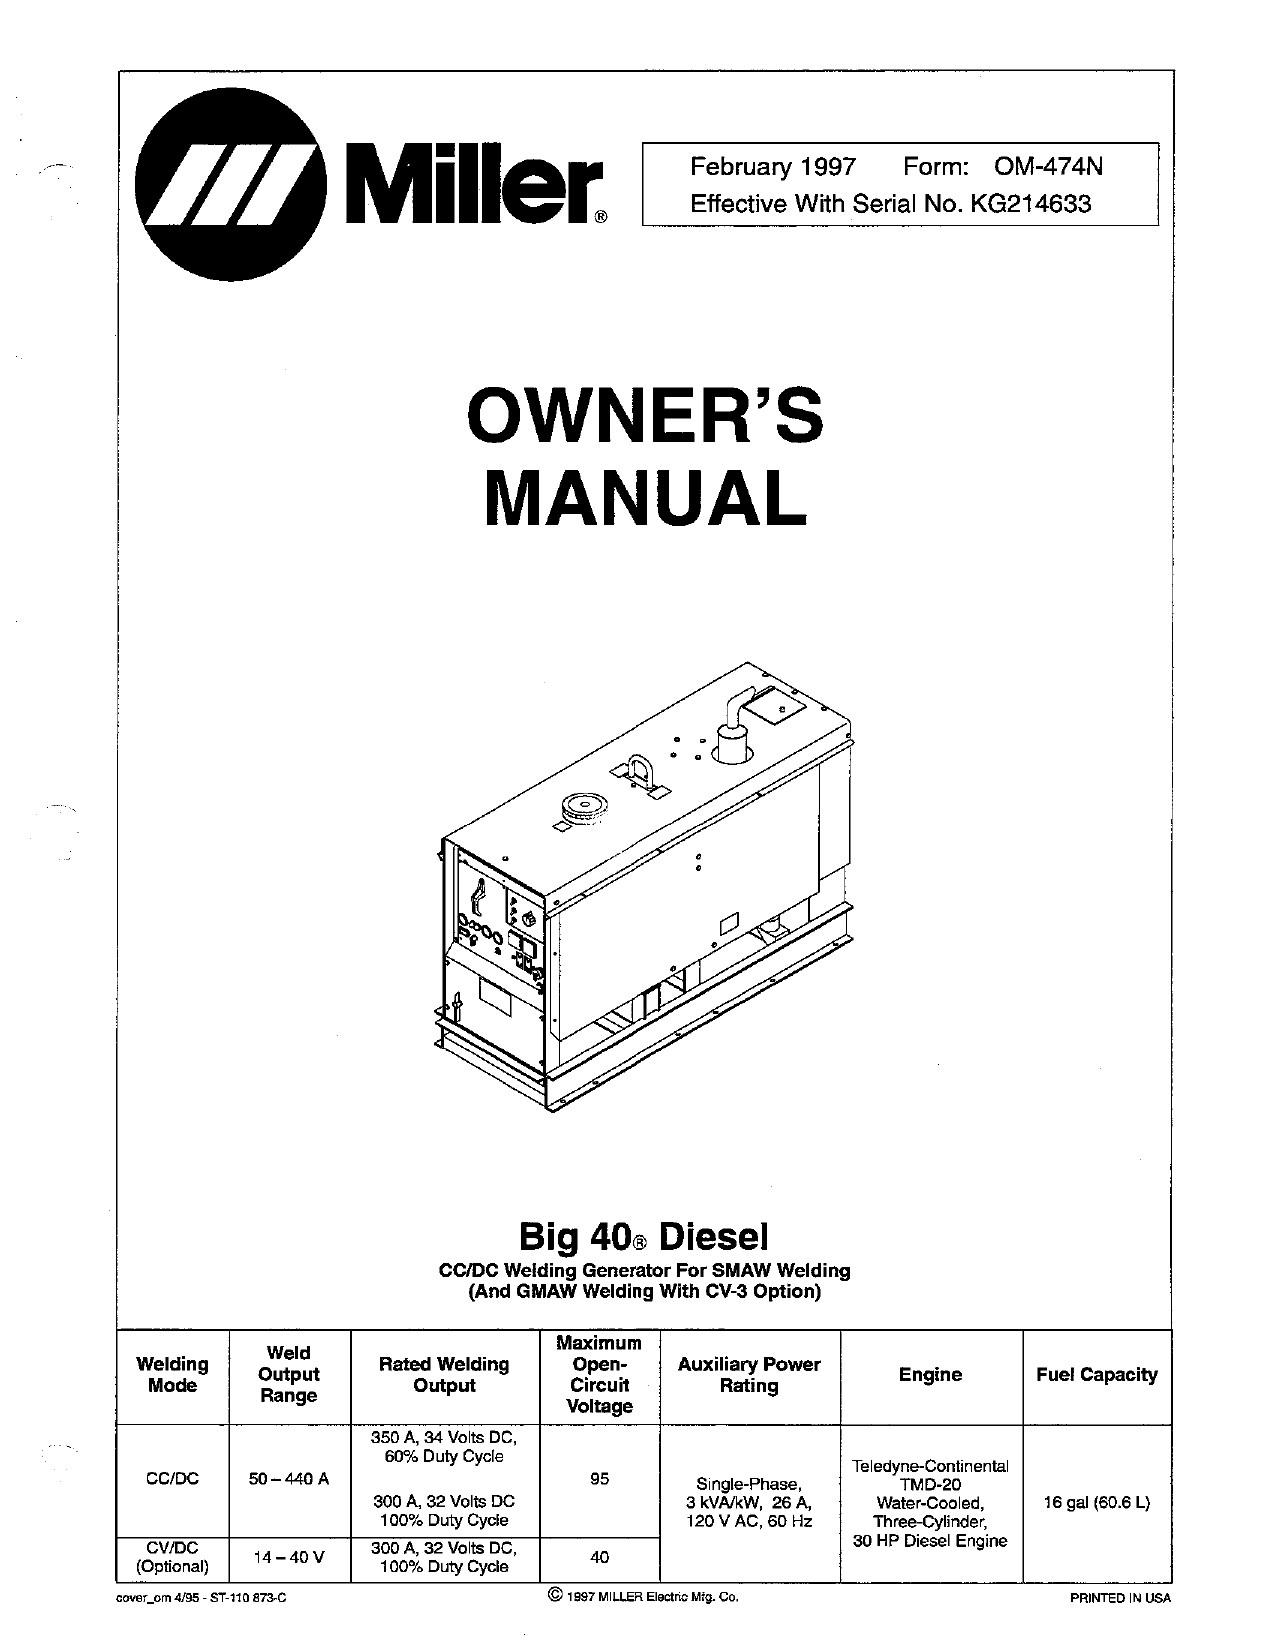 2 Cylinder Deere Wiring Miller Big 40 Diesel User Manual Of 2 Cylinder Deere Wiring